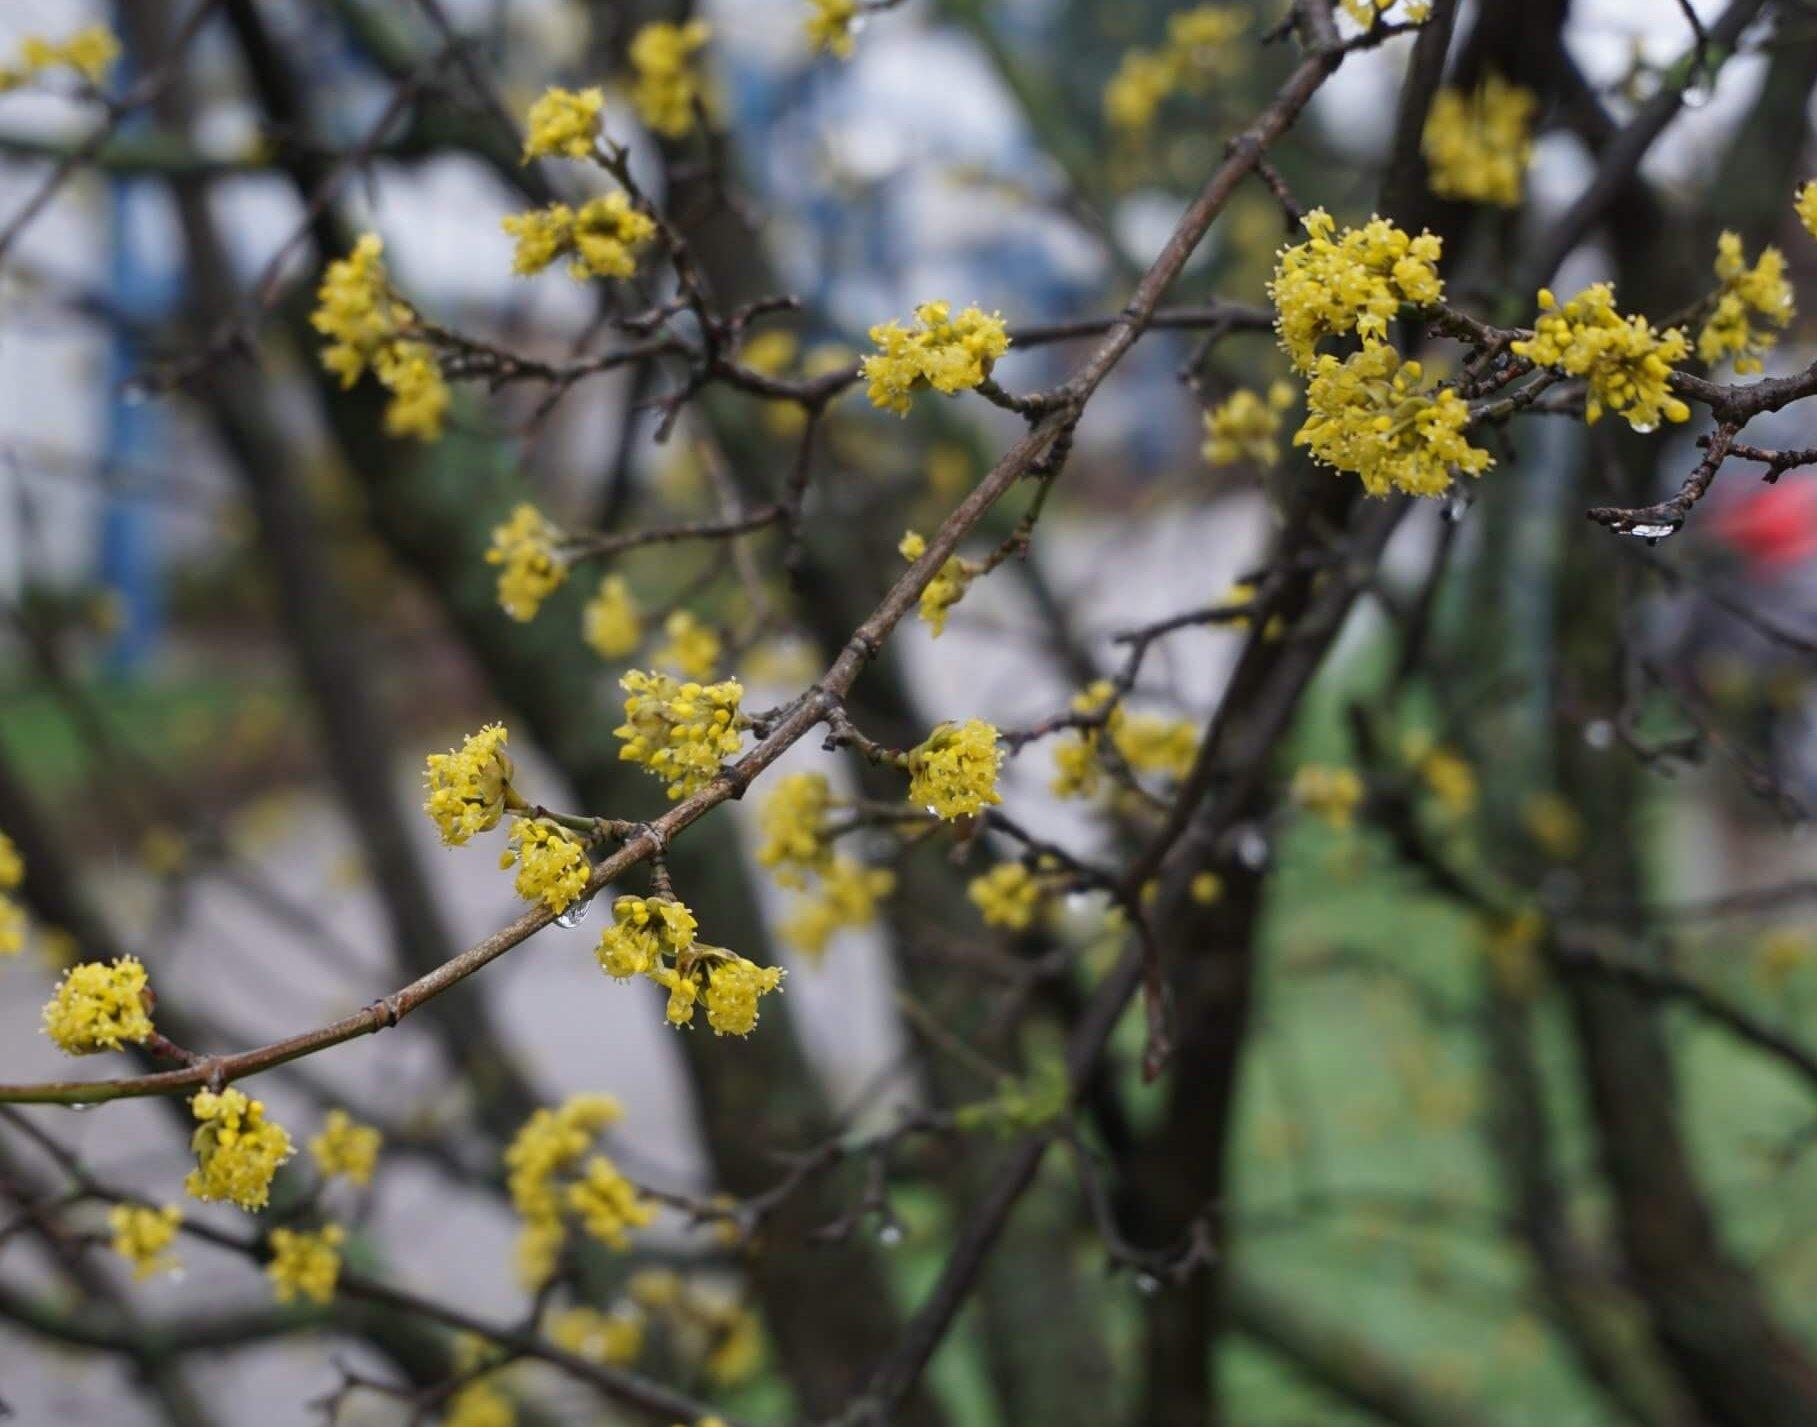 Das Bild Blüten an einer Kornelkirsche, die, wie hier, oft schon ab Mitte Februar zu blühen beginnt. Die gelben Blüten sind dabei sehr auffällig. Hier ein Ausschnitt aus einem Strauch im Bereich am Pegasuseck im Kosmosviertel.